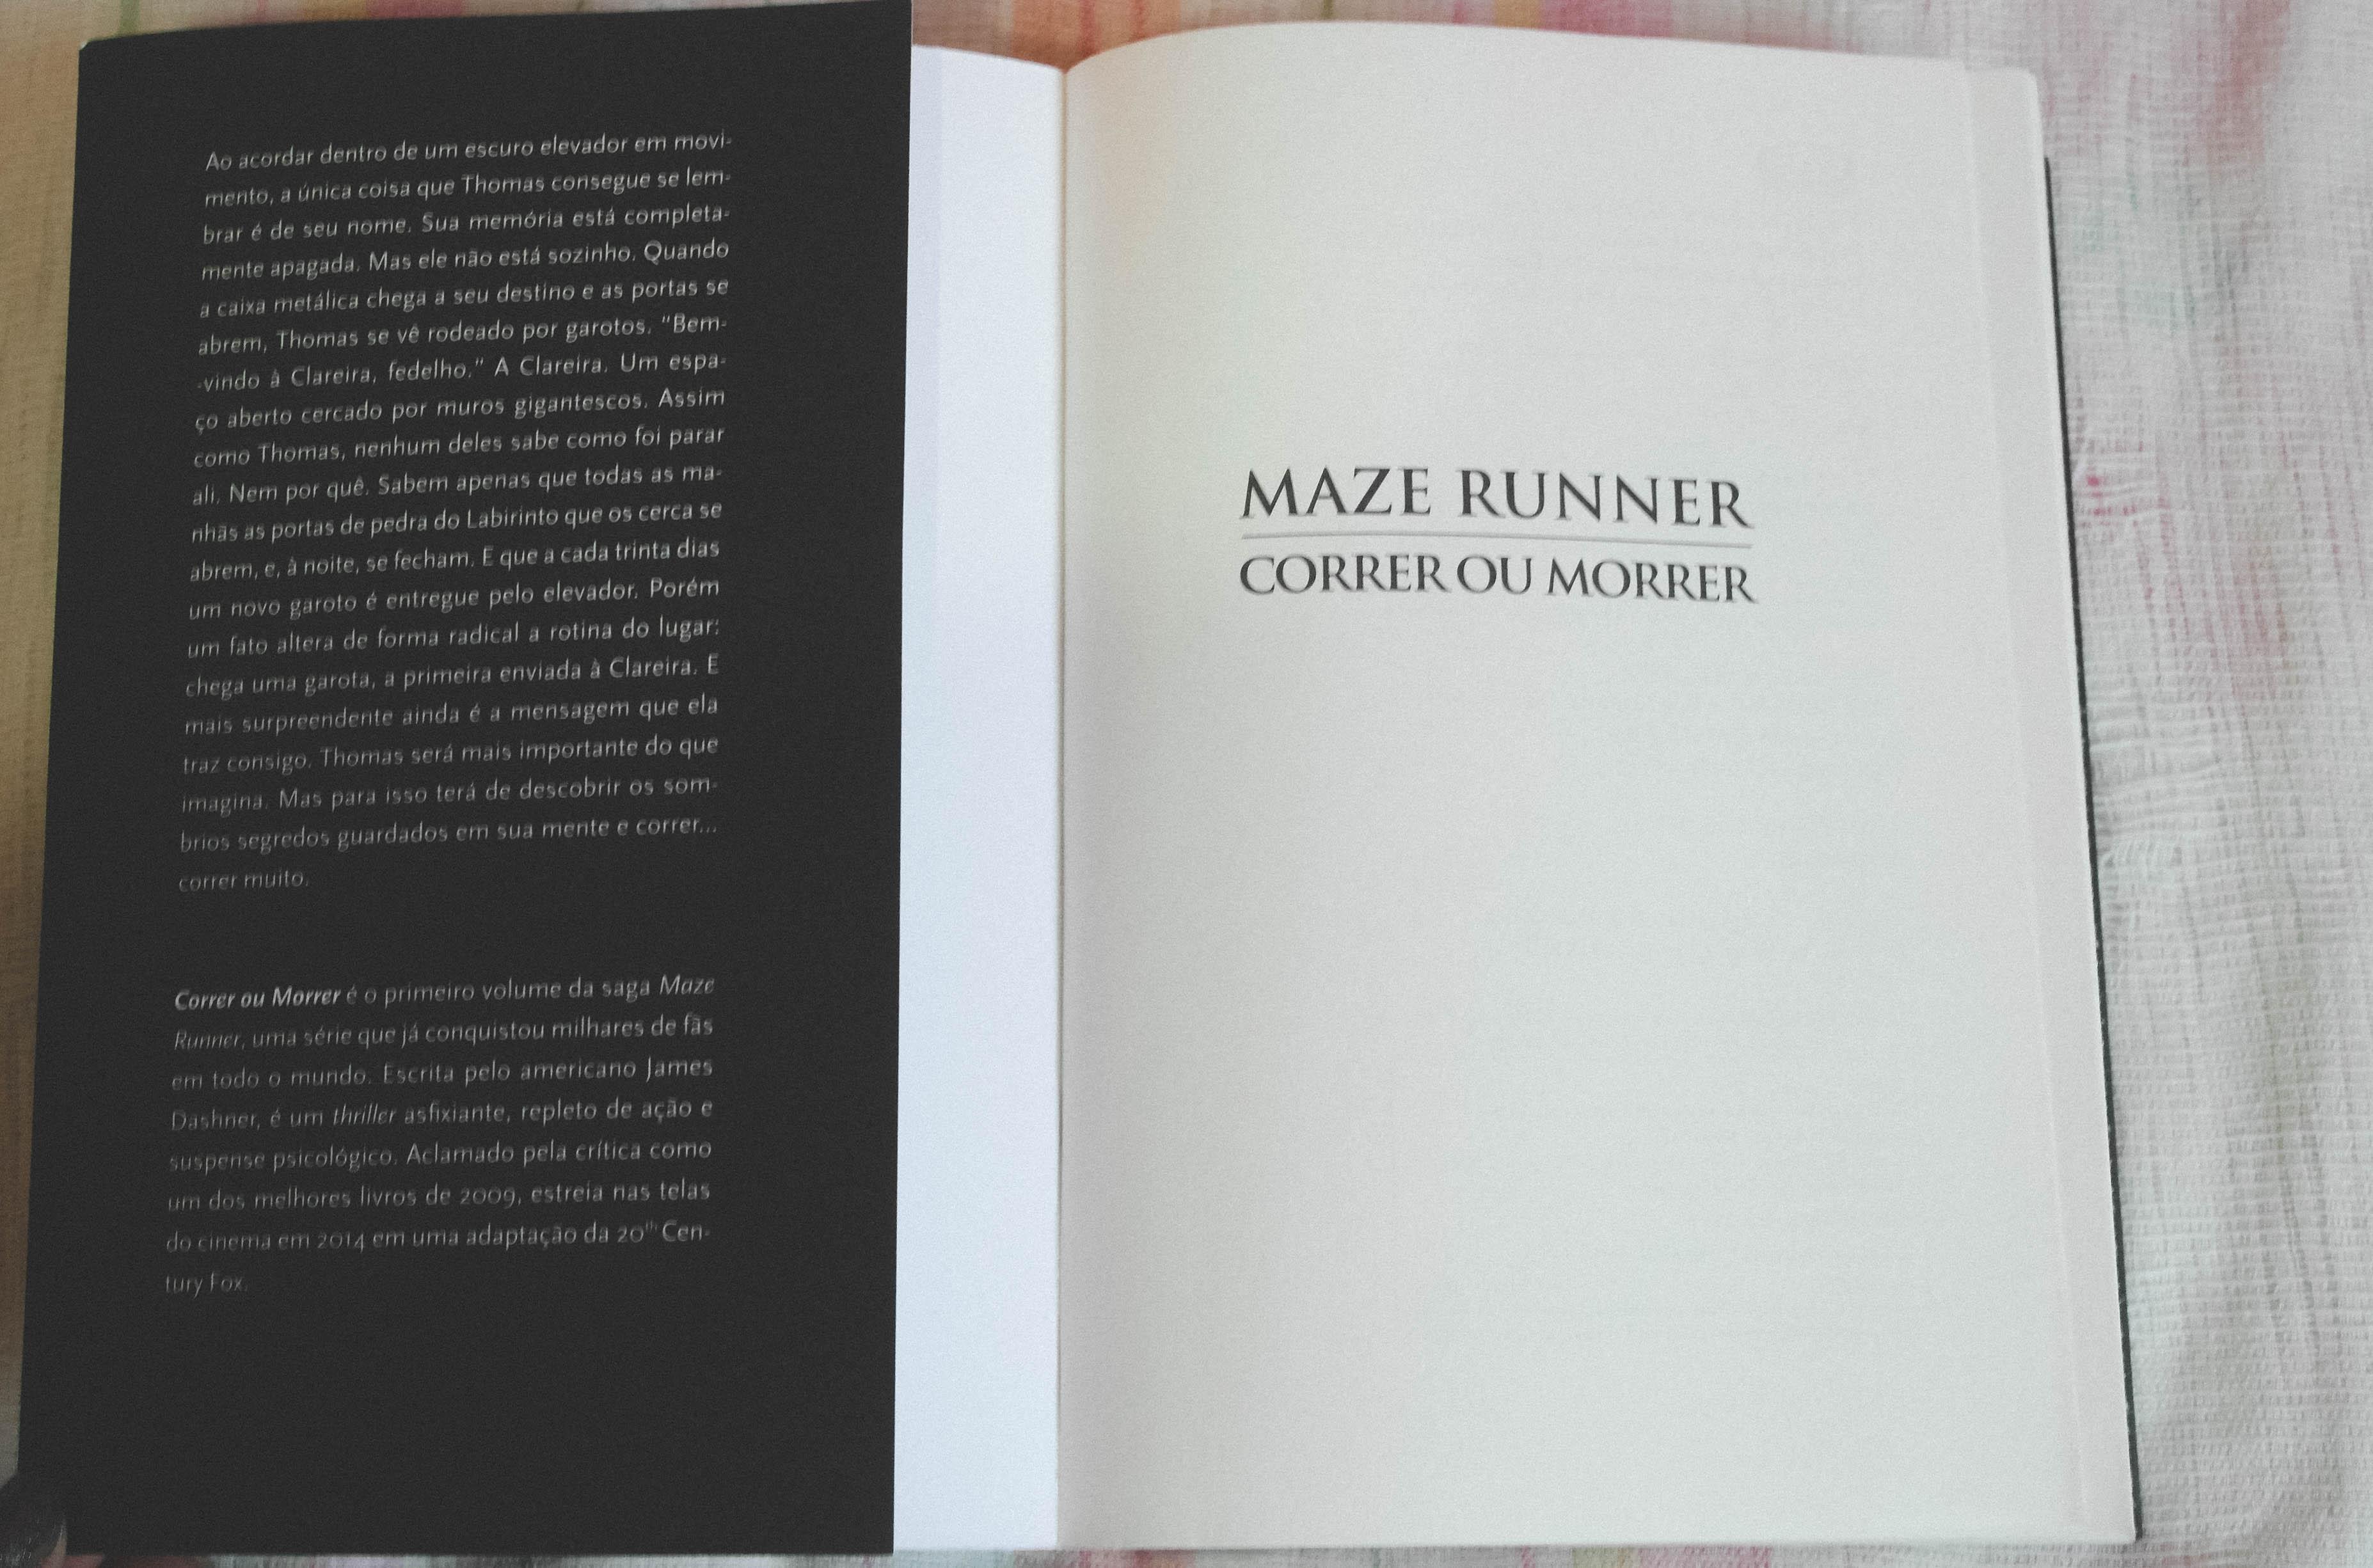 Maze runner resenha